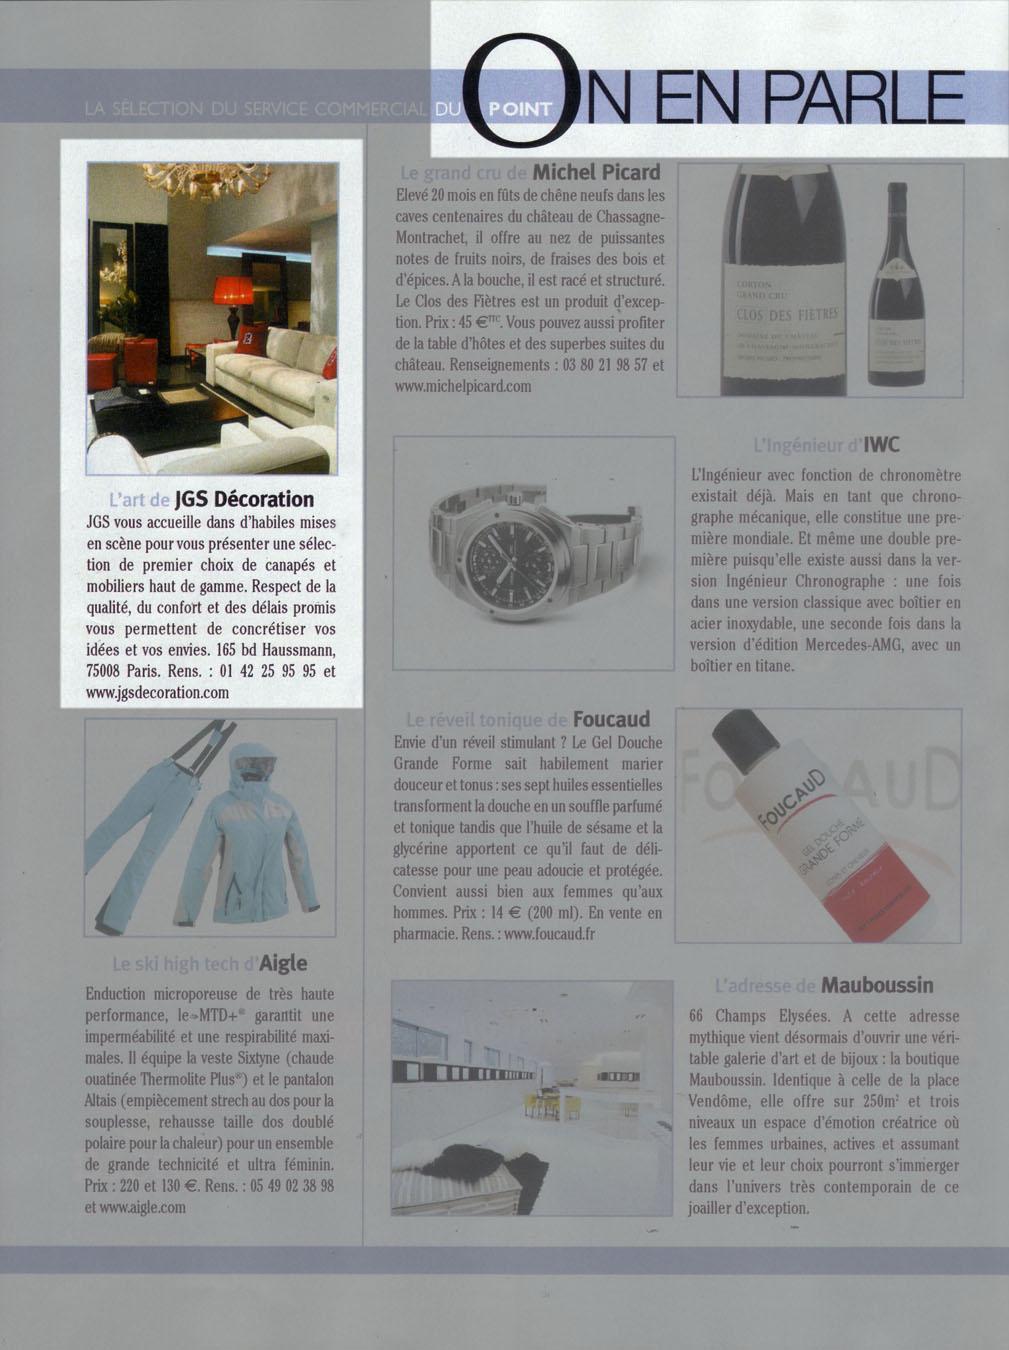 Press Release Le Point Jgs Decoration Paris